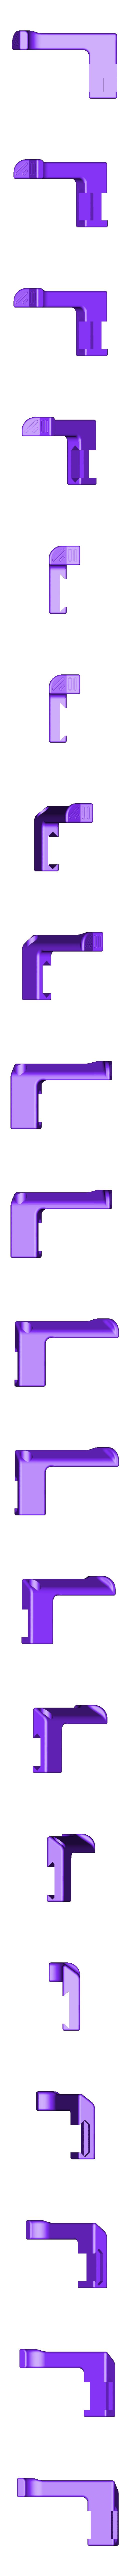 Thumb Rest.stl Télécharger fichier STL gratuit Glock 17 g17 • Design à imprimer en 3D, idy26